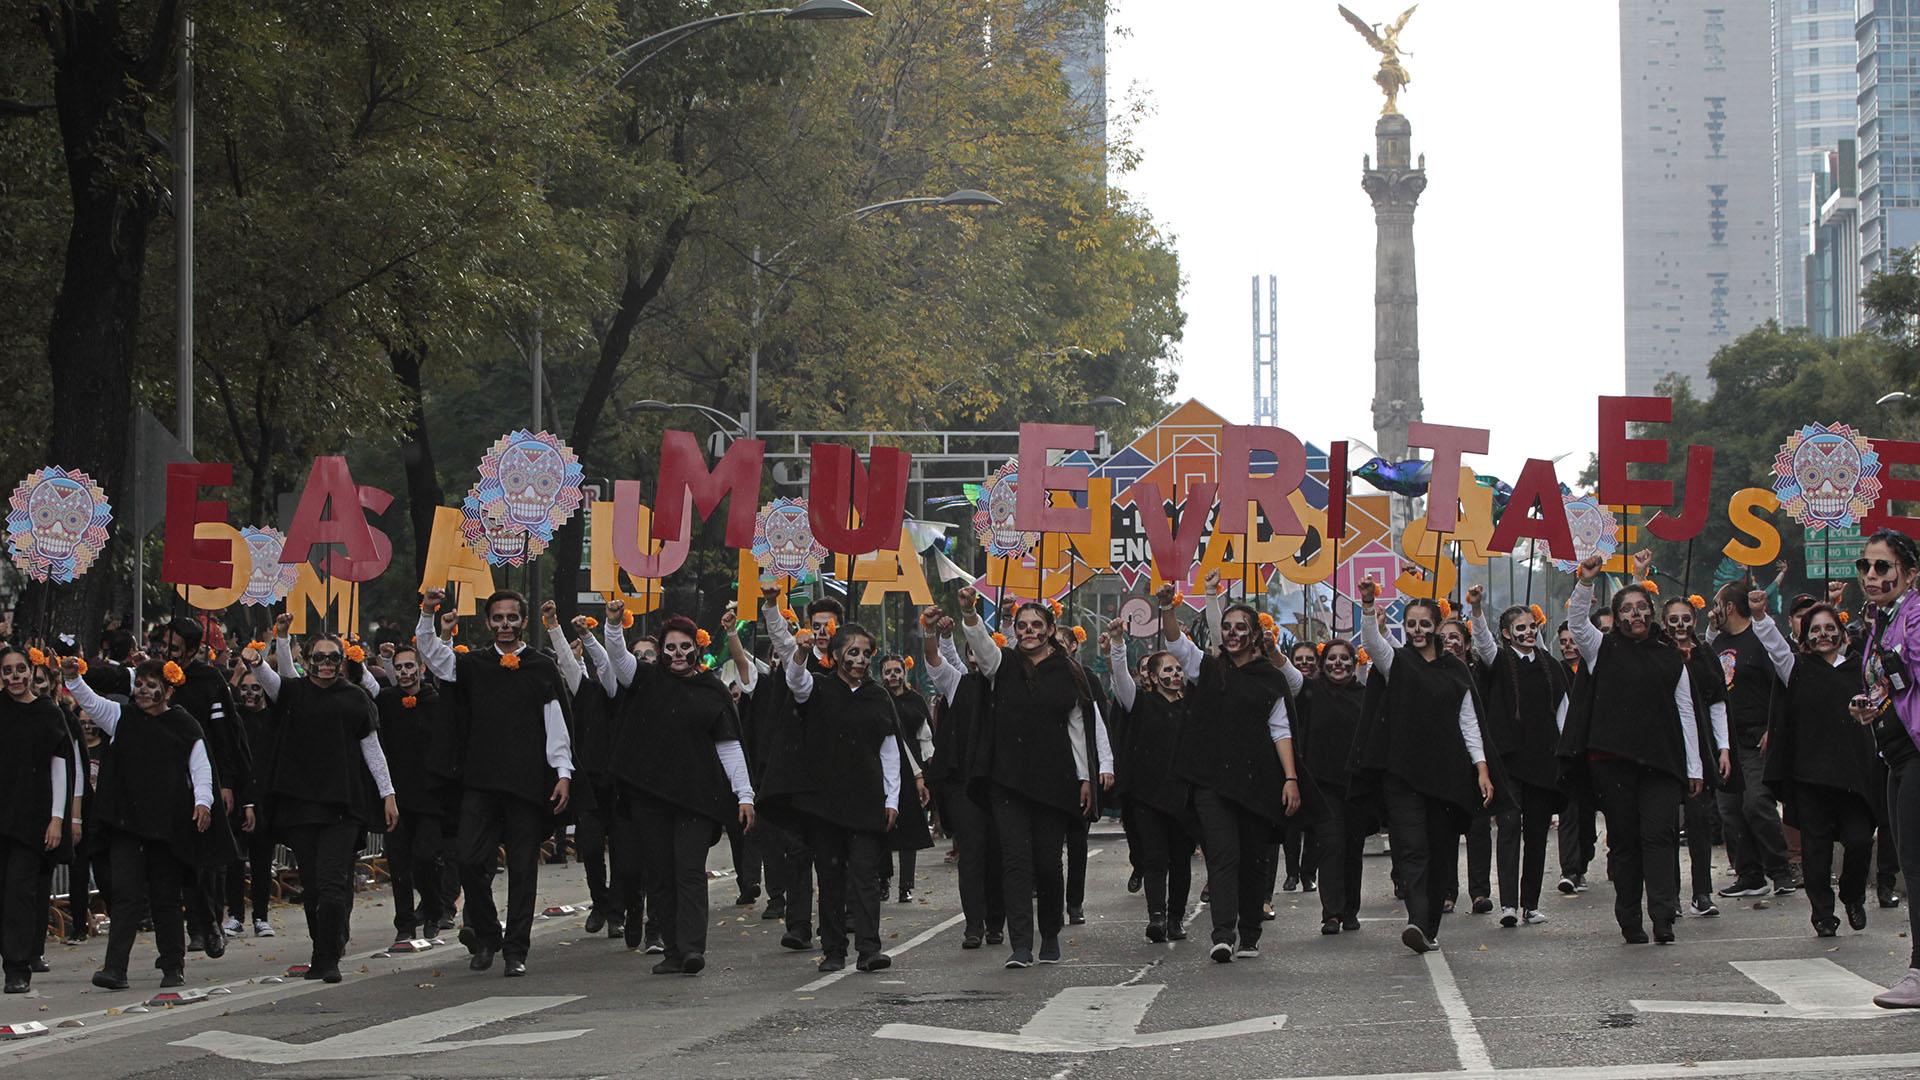 El desfile lleno de caléndulas en la avenida Paseo de la Reforma rindió homenaje a los migrantes que han fallecido